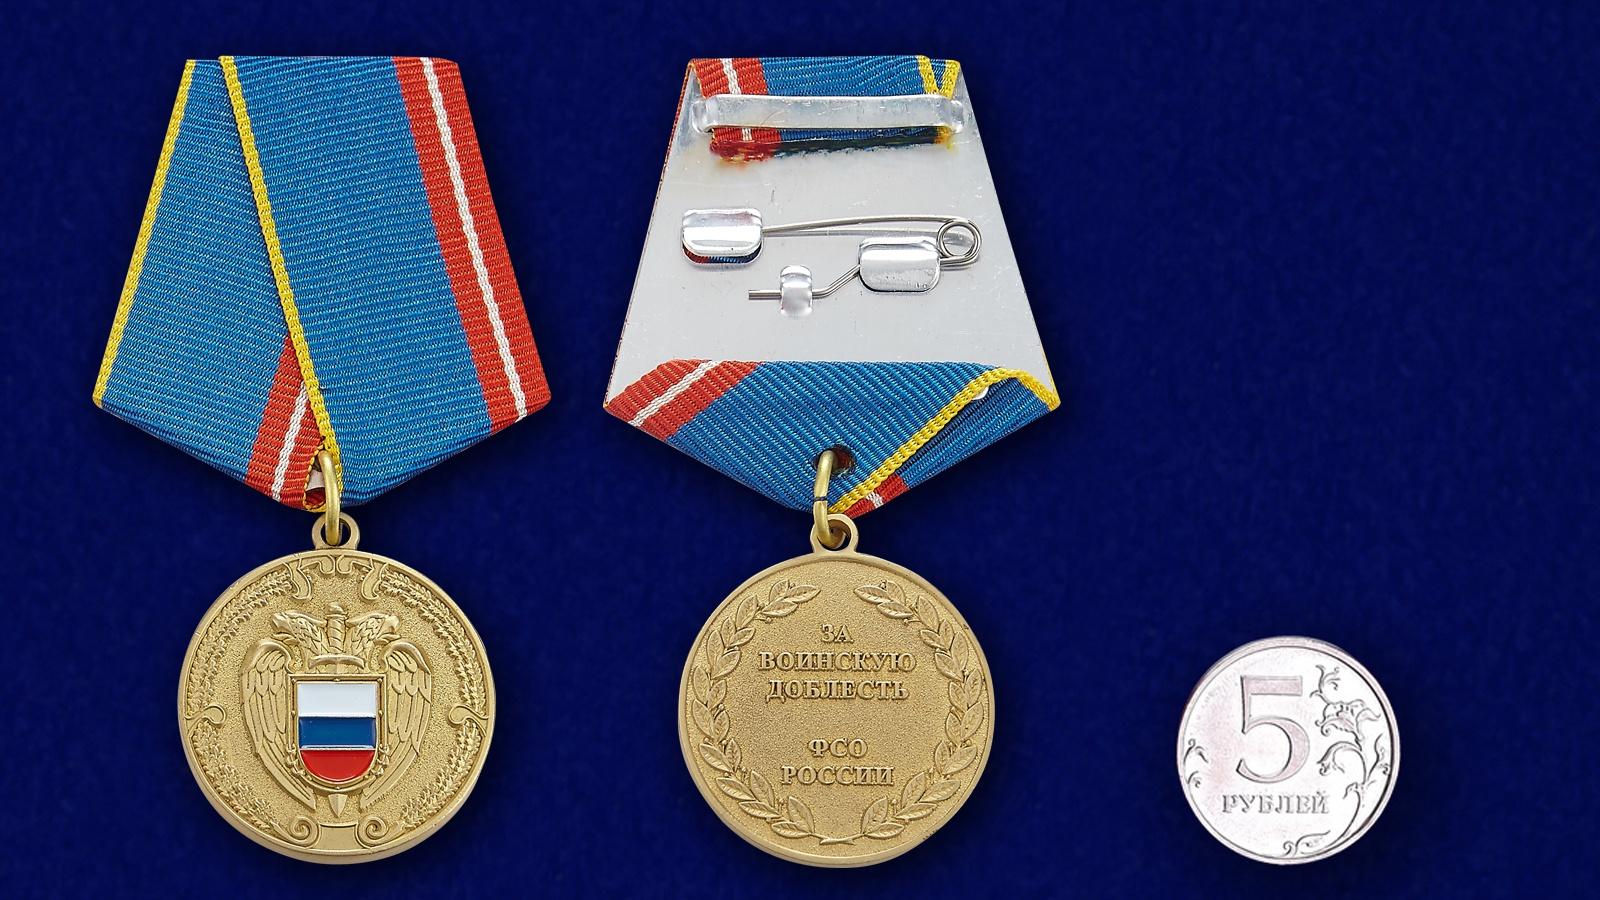 Медаль За воинскую доблесть Федеральной службы охраны РФ - сравнительный размер